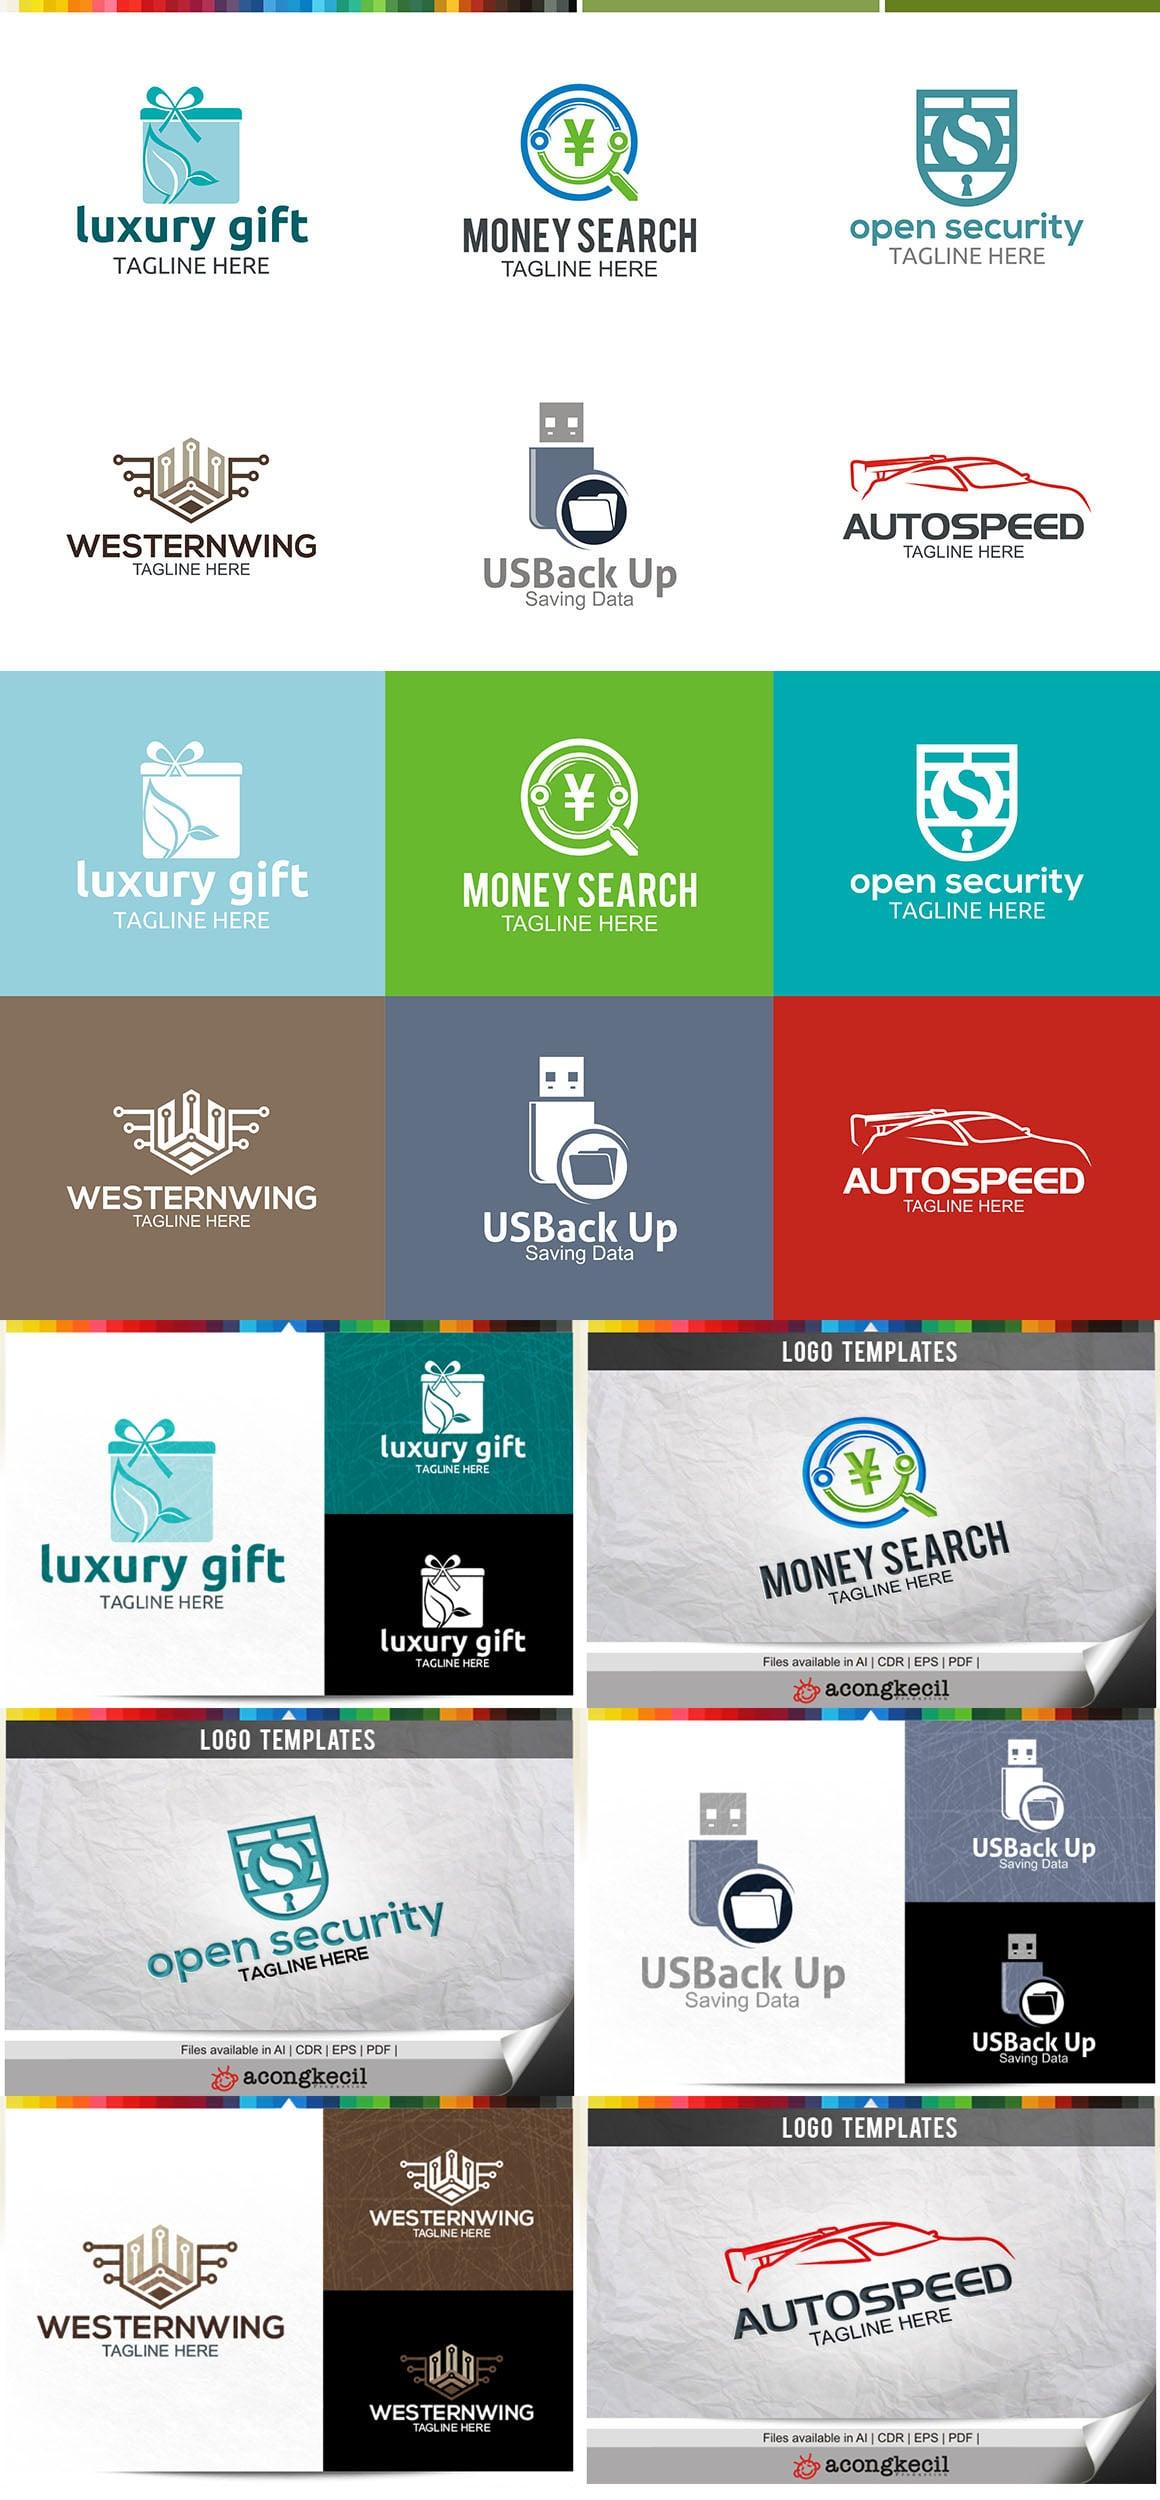 446 Business Logo Bundle - 99%+ OFF - Bundle 08 Preview6A